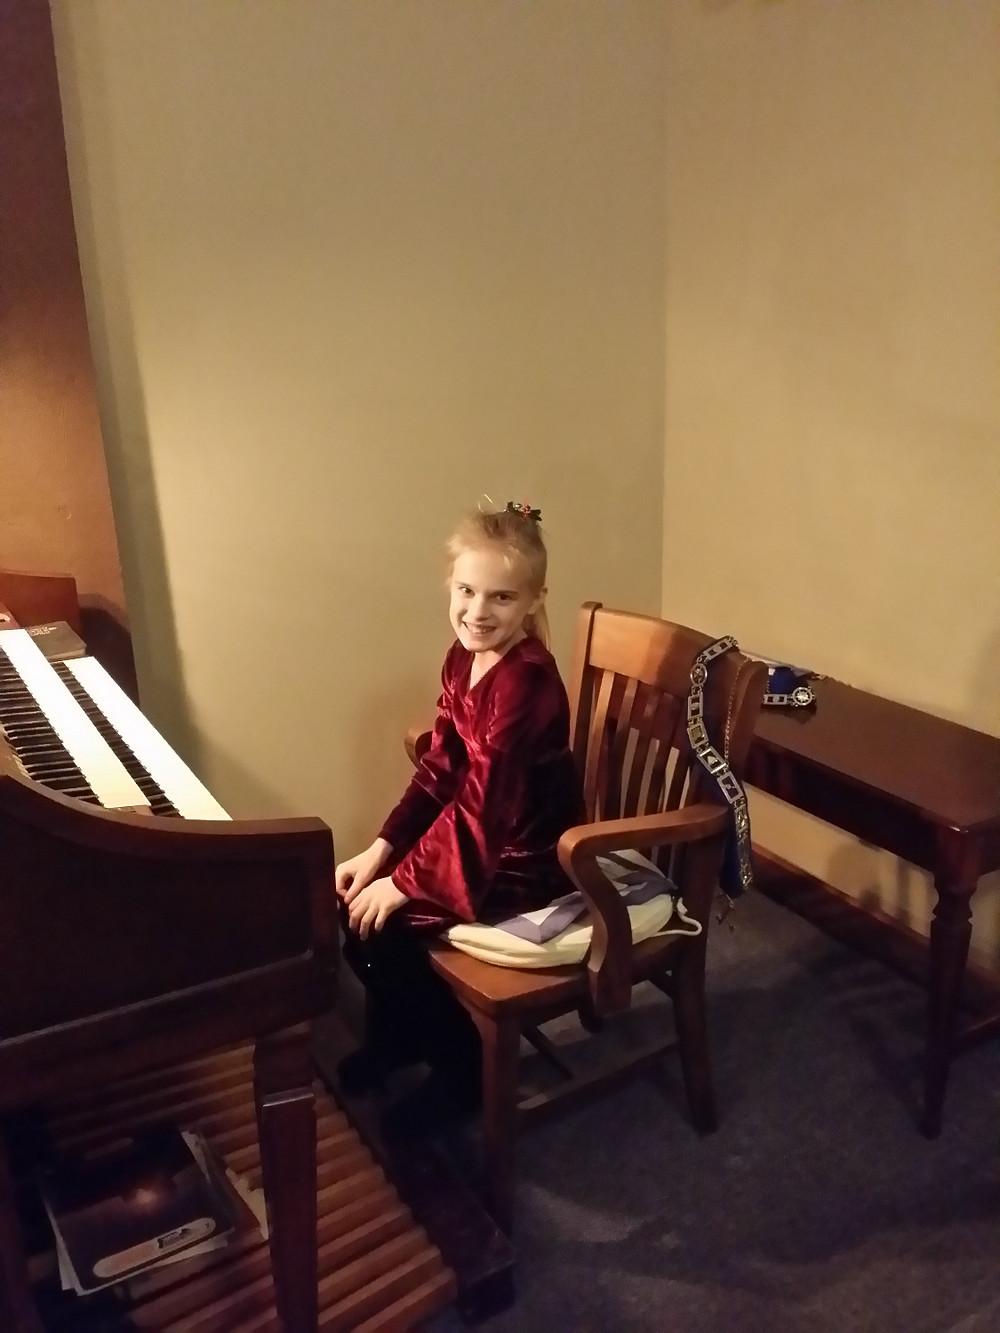 An elf organist???